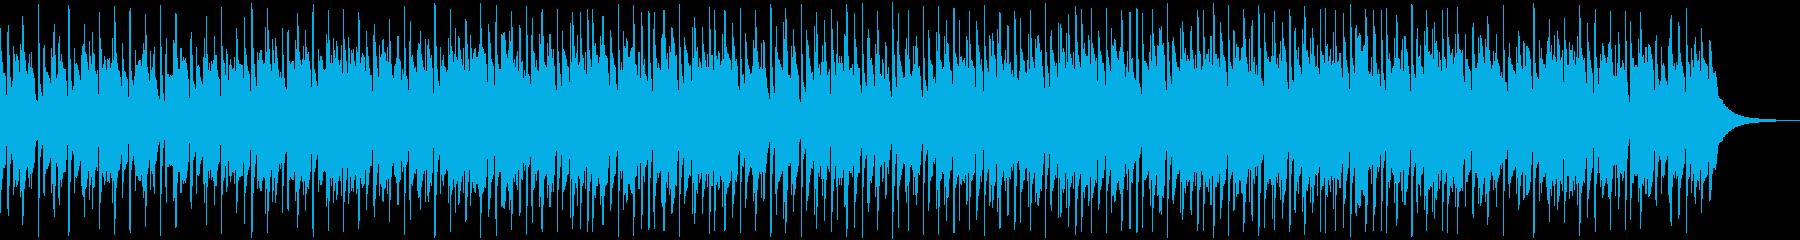 楽しいウクレレ楽曲の再生済みの波形